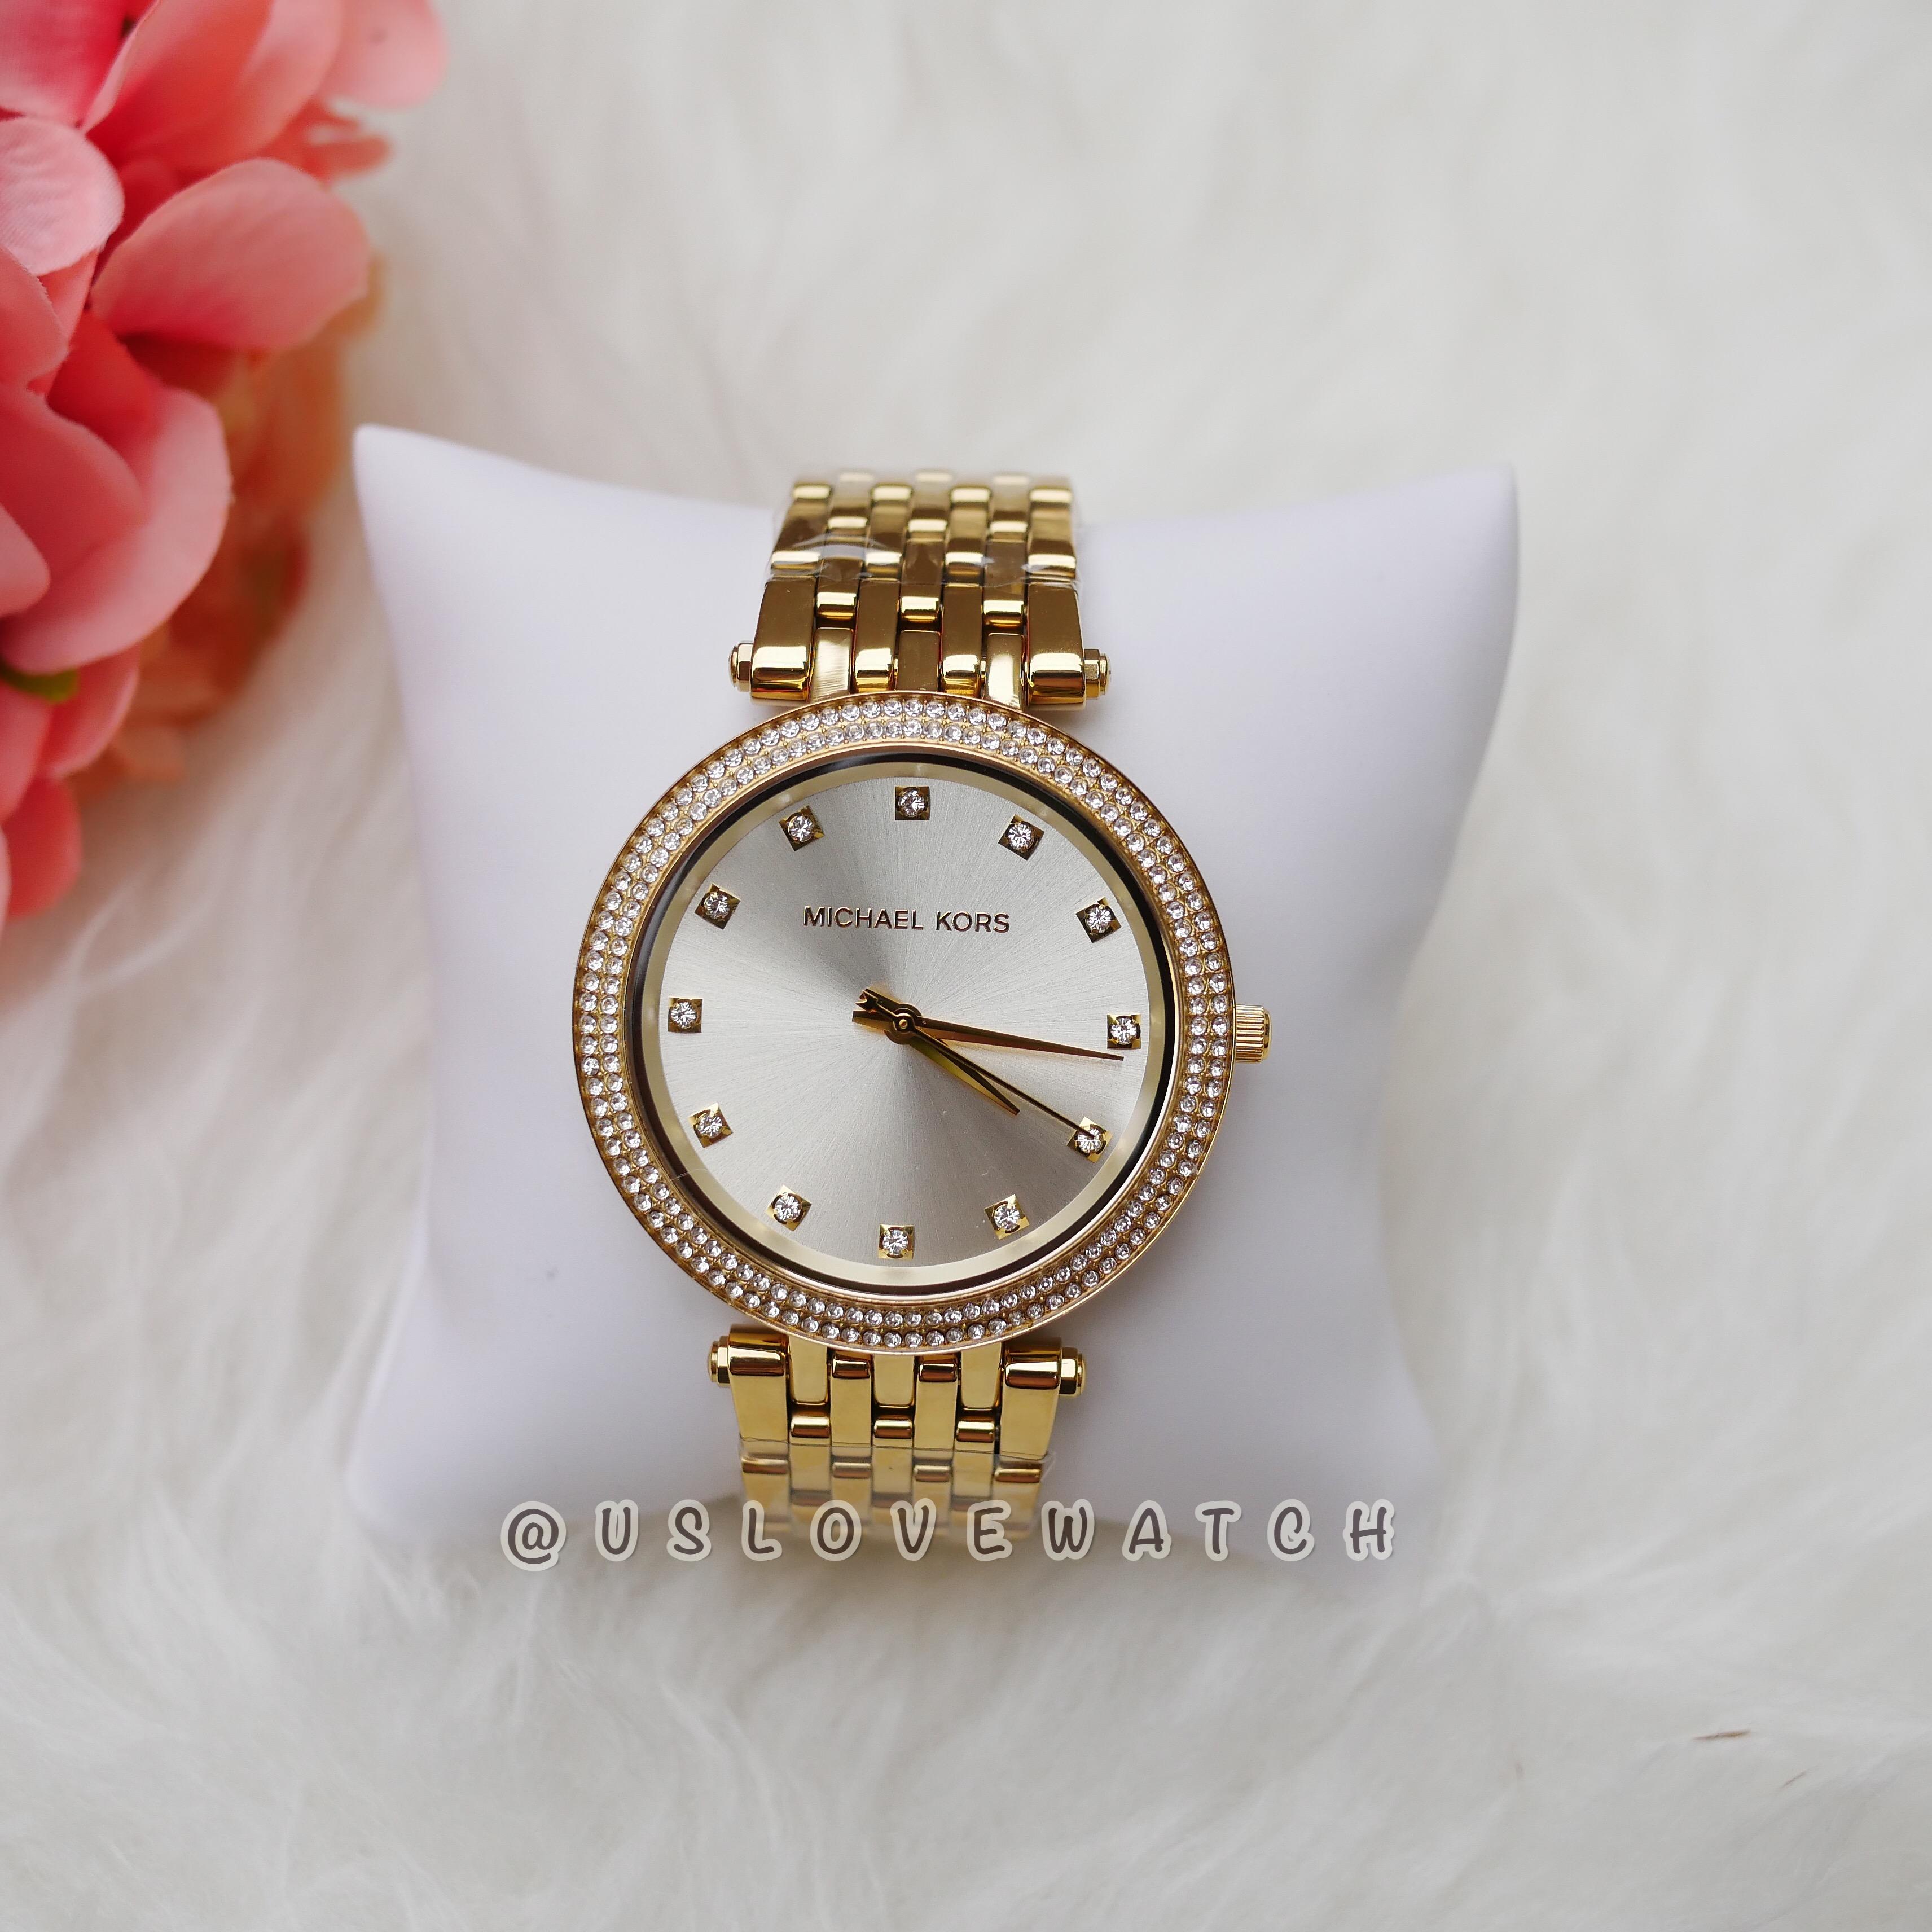 bcd9c9473c7e Michael Kors Women apos s Darci Yellow Gold Stainless Steel Watch MK3216 -  LnwDropship หาของขายออนไลน์ ไม่ต้องลงทุน ไม่ต้องสต็อก